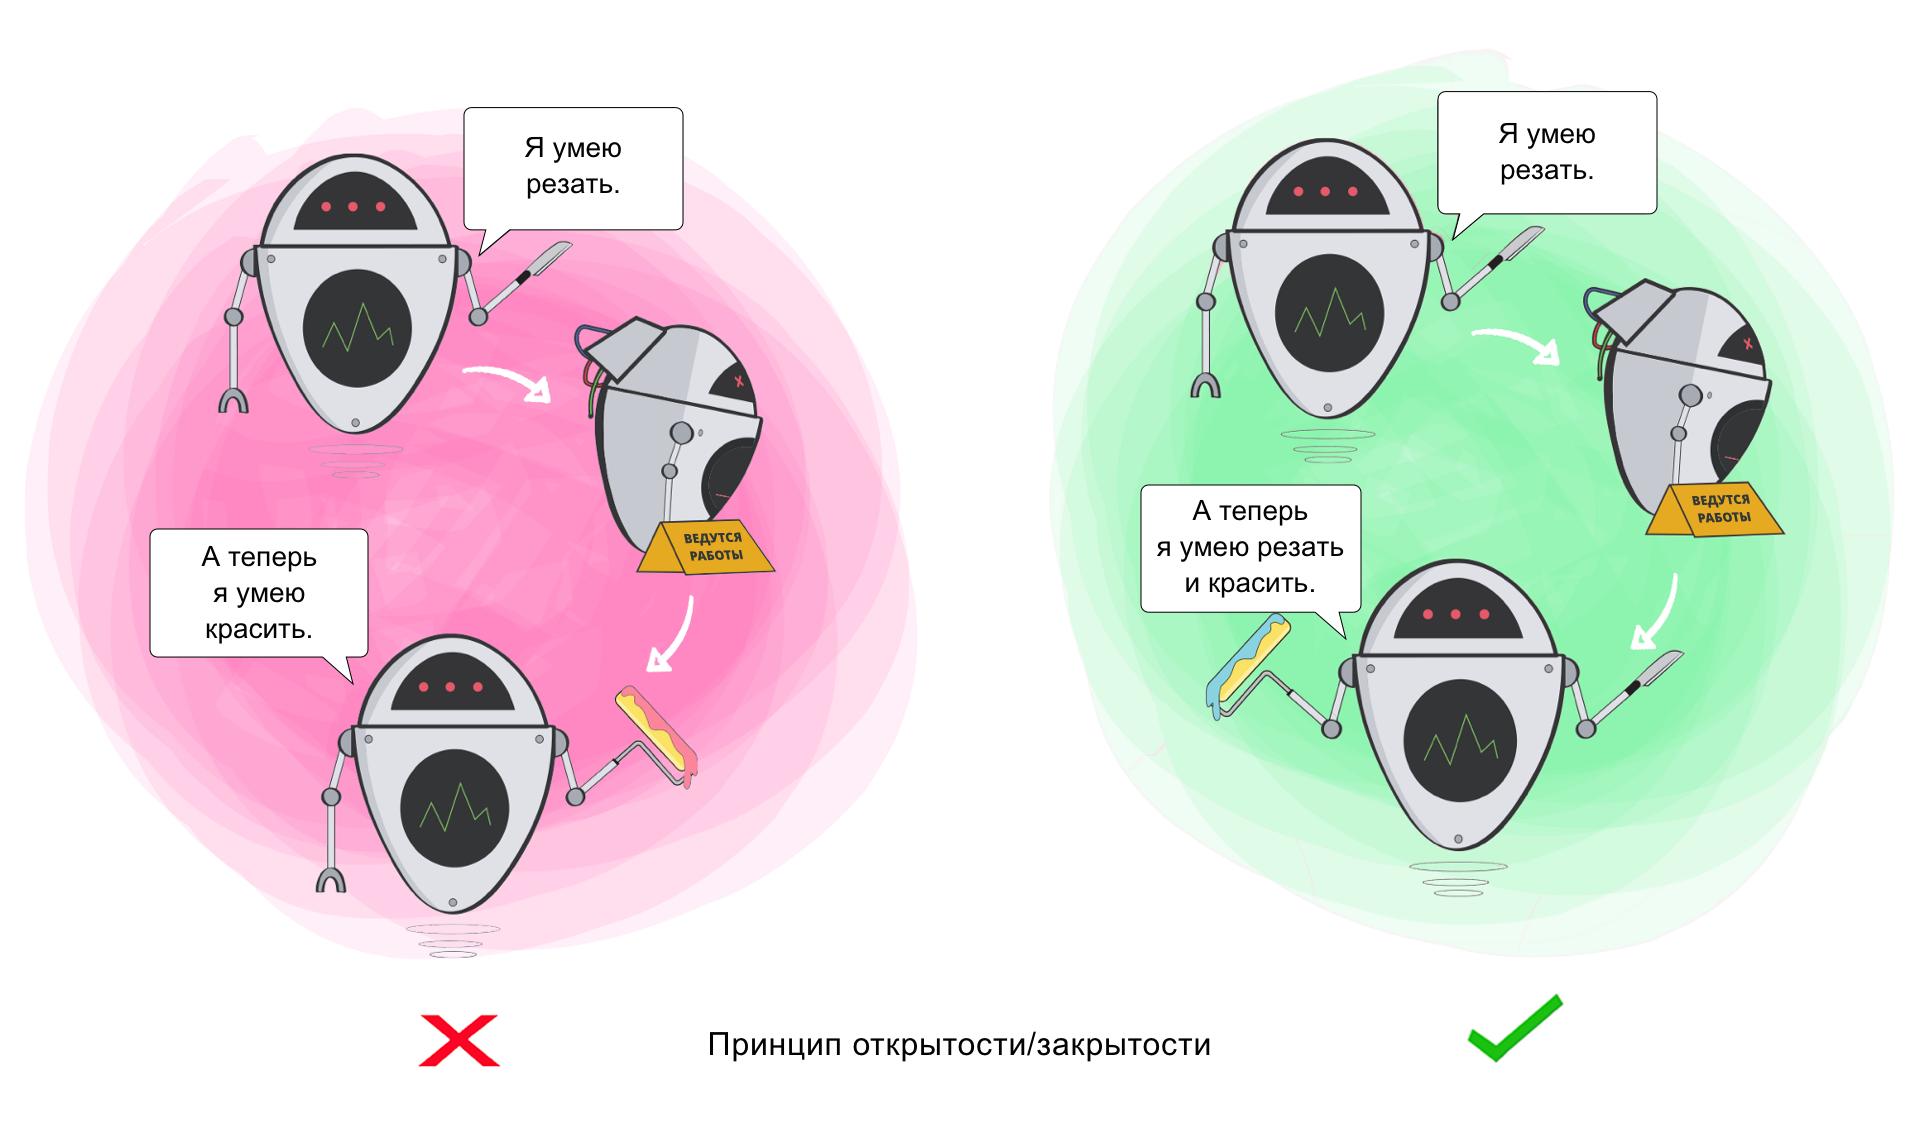 Принципы SOLID в картинках - 3